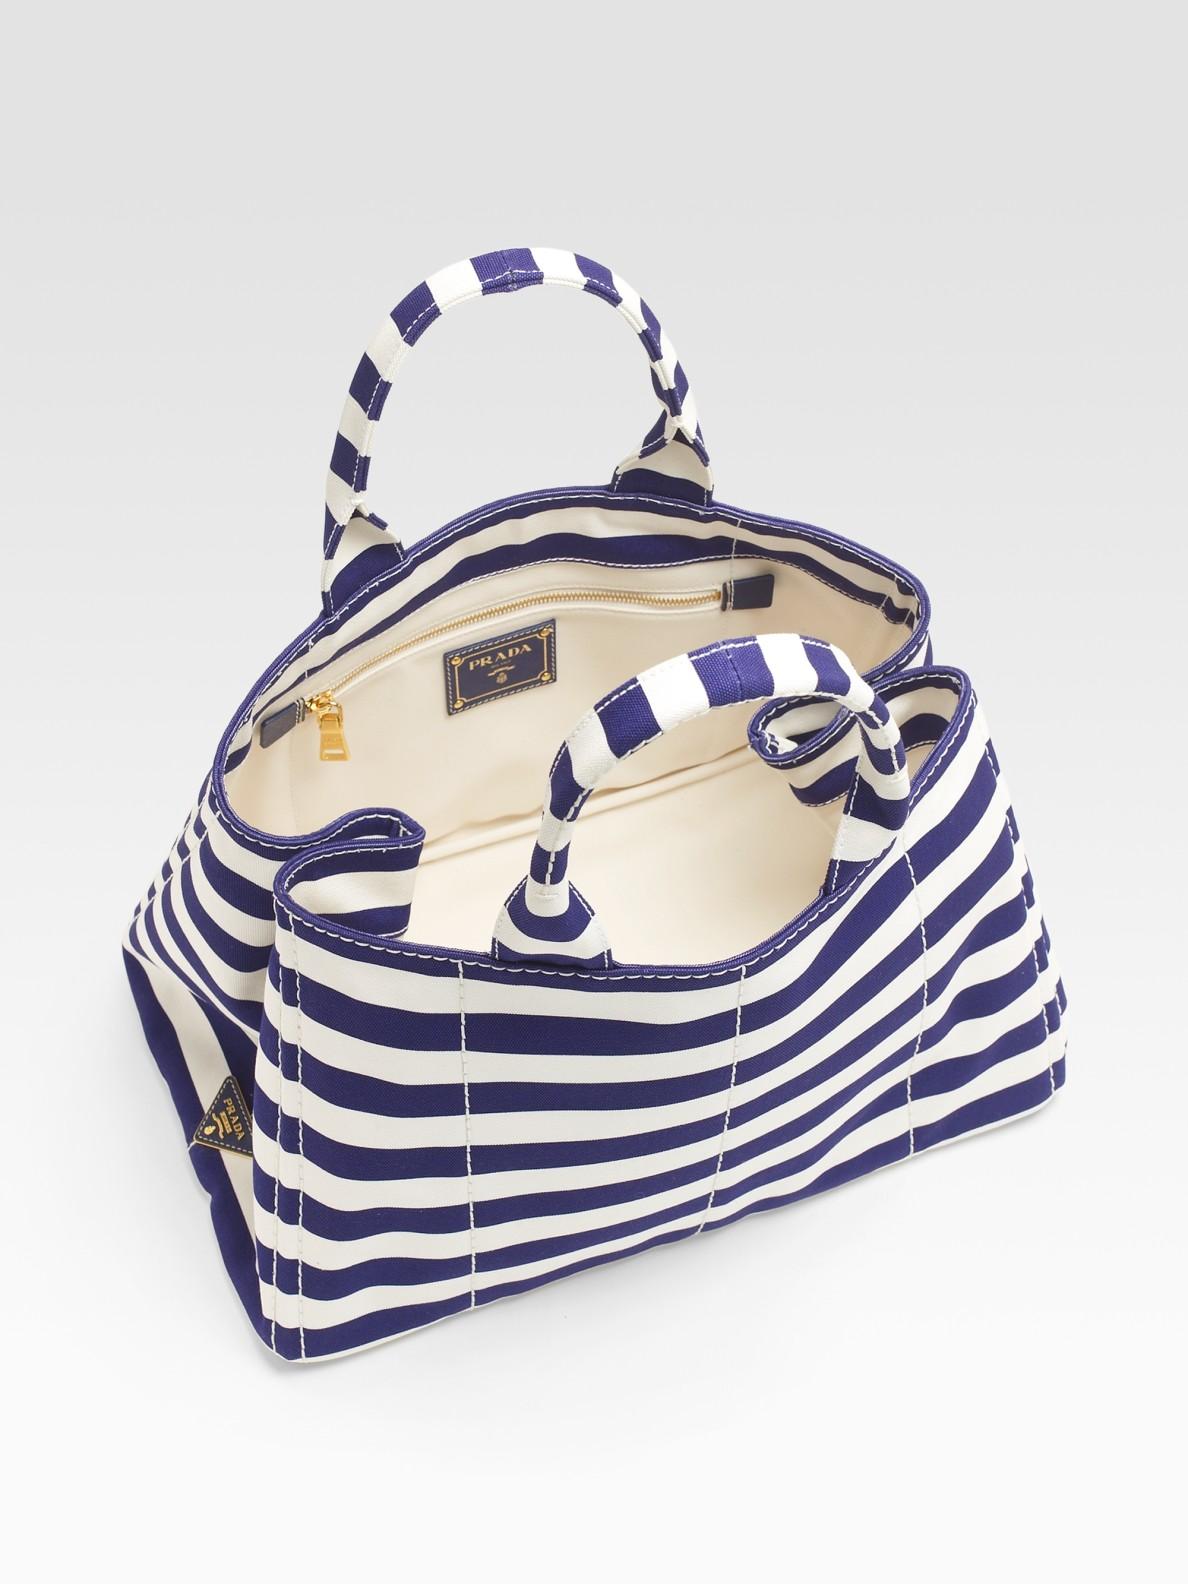 czech lyst prada stripe canvas tote bag in blue 53fa4 e9bd5 0cdf59f169f19